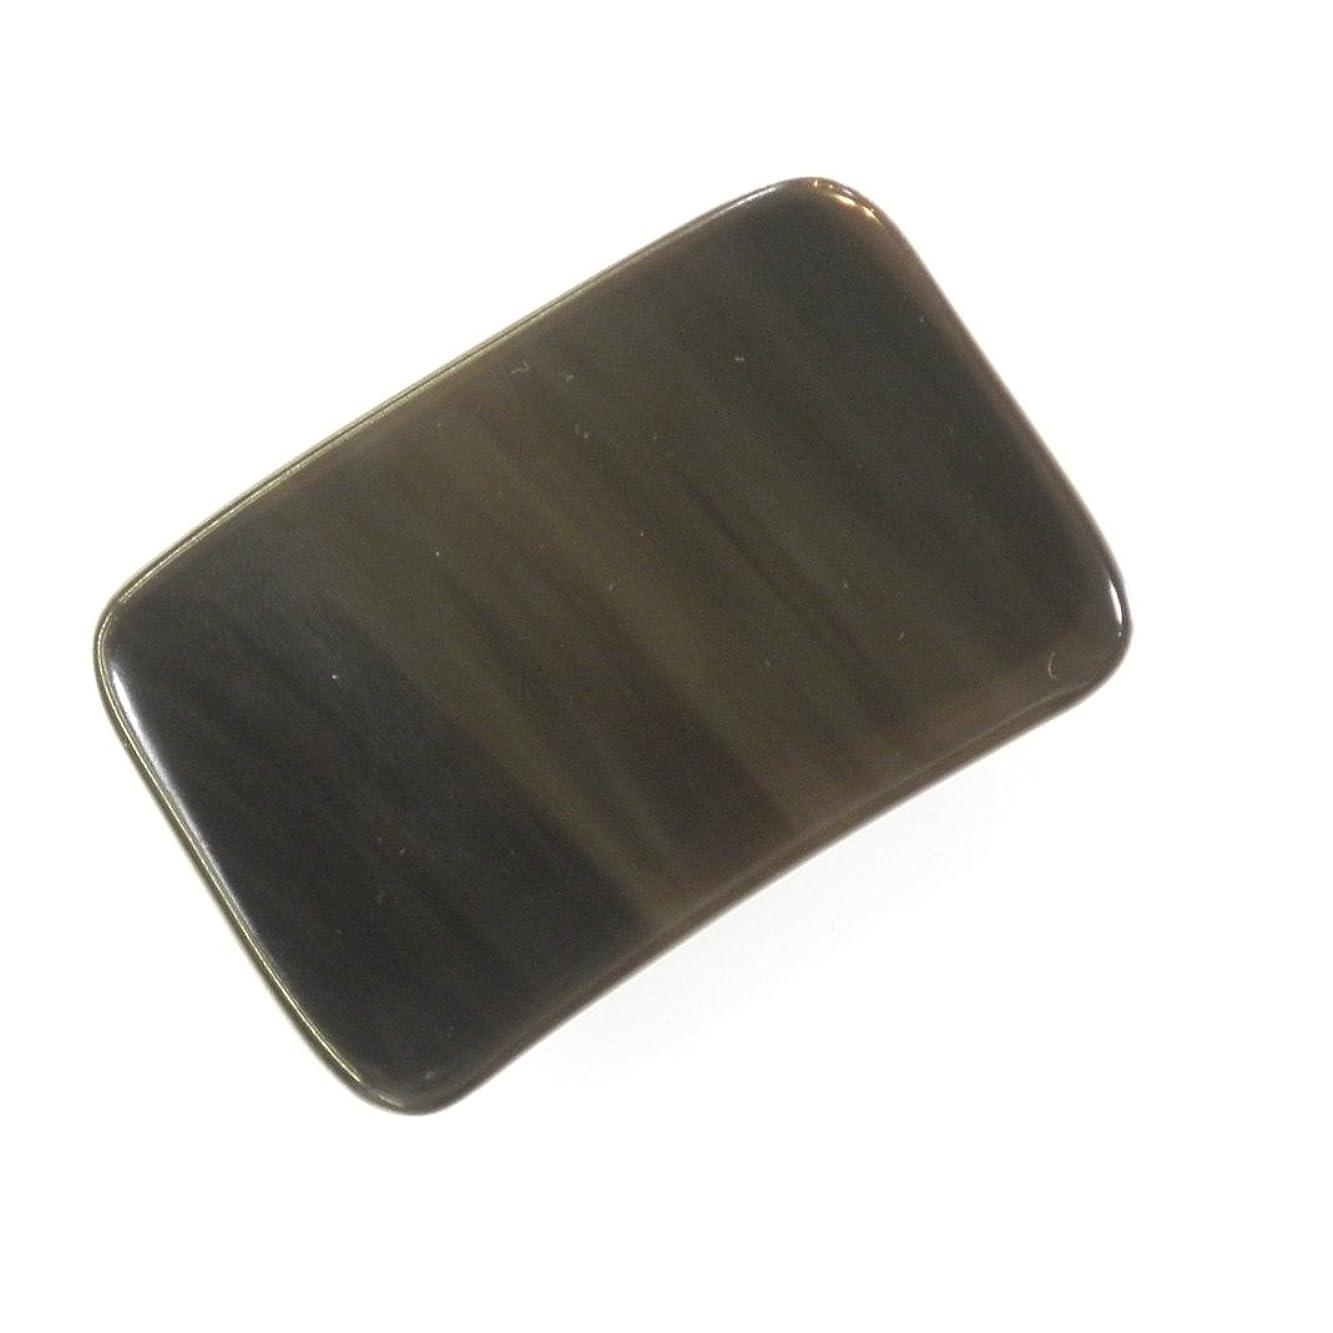 結果動員する極小かっさ プレート 厚さが選べる 水牛の角(黒水牛角) EHE214 長方形小 一般品 少し厚め(7ミリ程度)